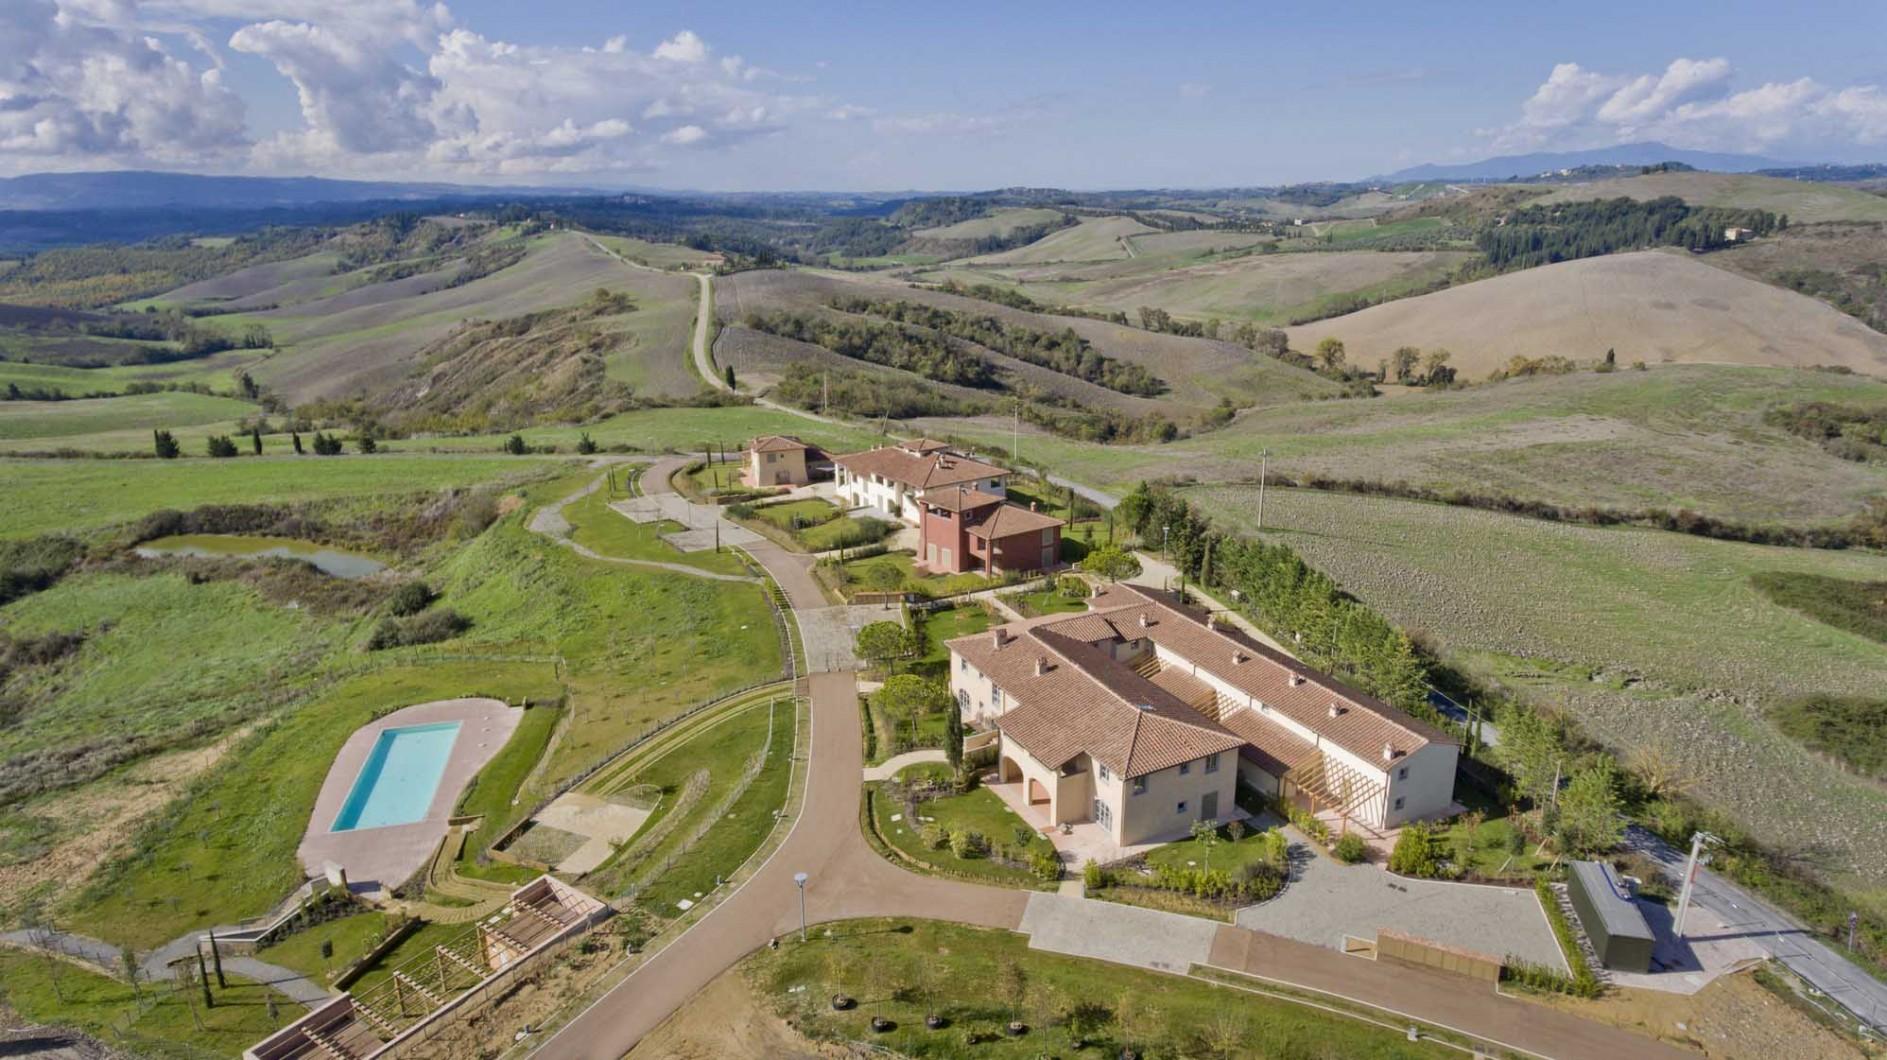 Villaggio la collina piscina condominiale for Piani di serra in collina